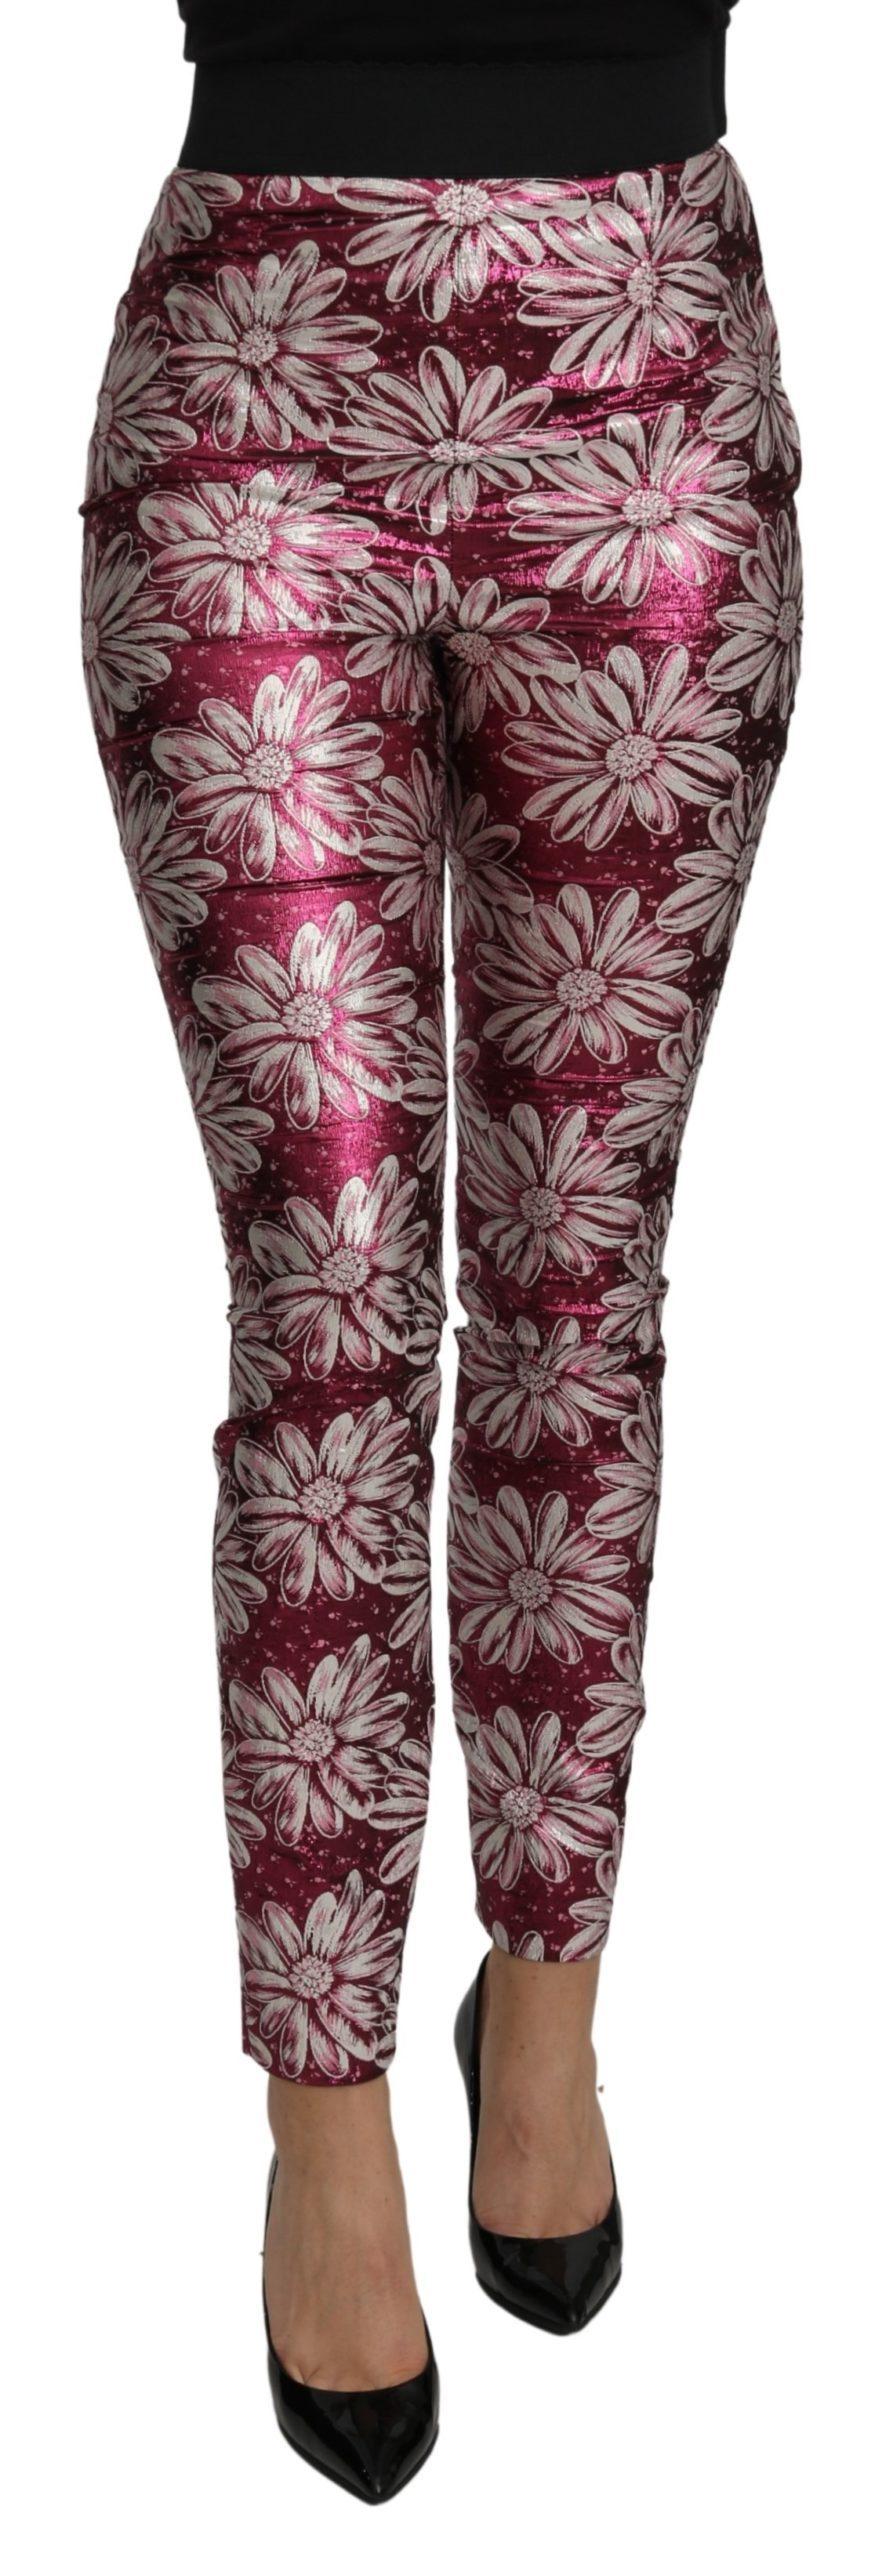 Dolce & Gabbana Women's Floral High Waist Trouser Pink PAN71088 - IT40|S